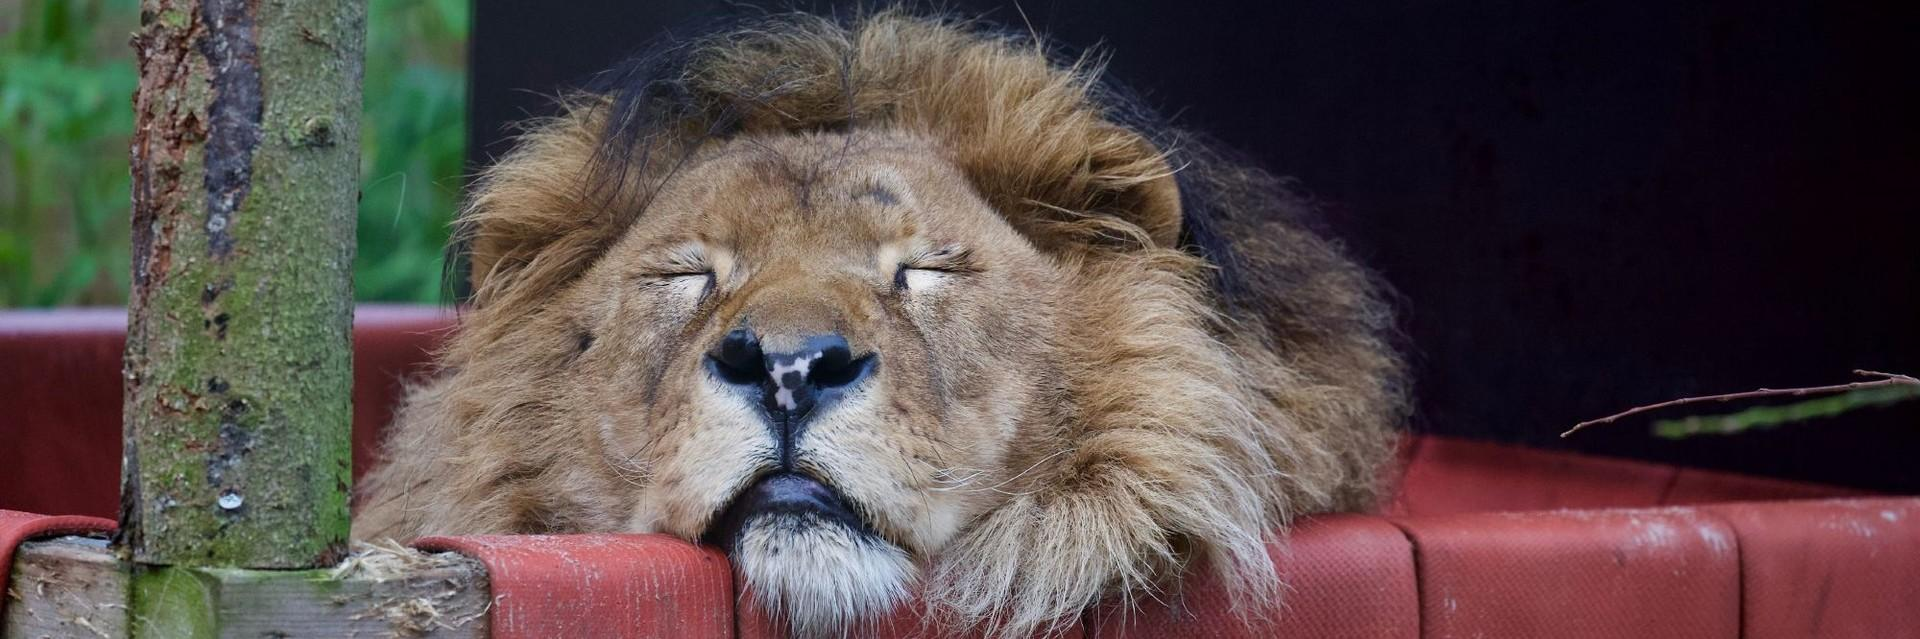 Löwe Bobby entspannt sich